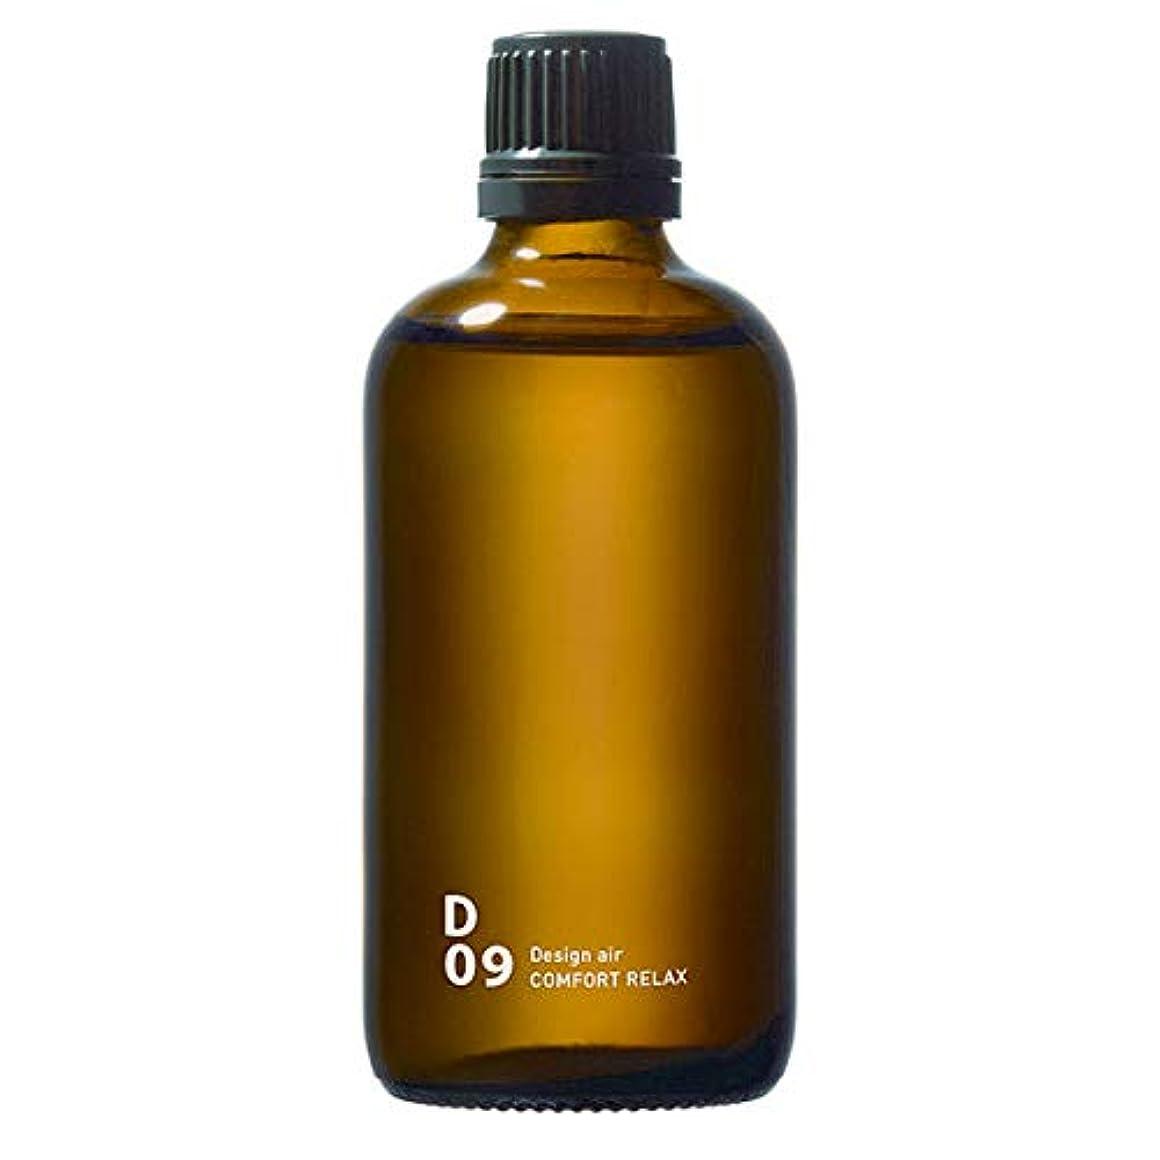 健康羊甘やかすD09 COMFORT RELAX piezo aroma oil 100ml